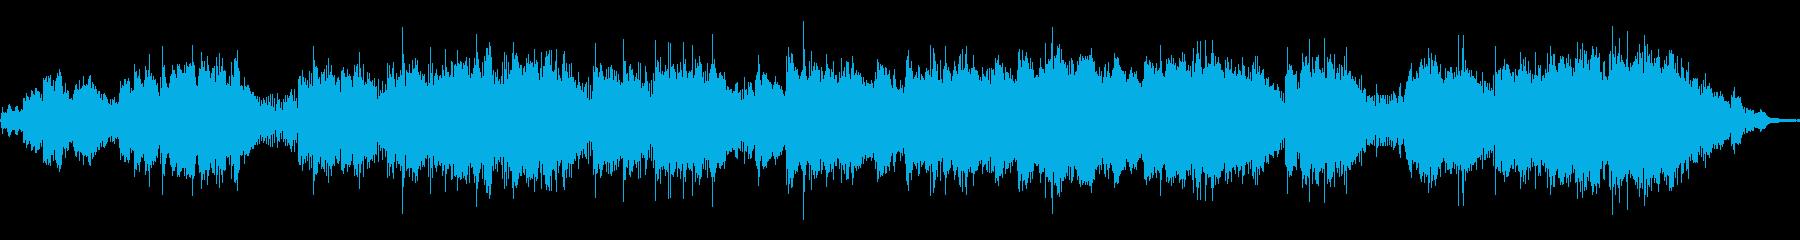 シンセギターとドラムがかっこよく近未来的の再生済みの波形